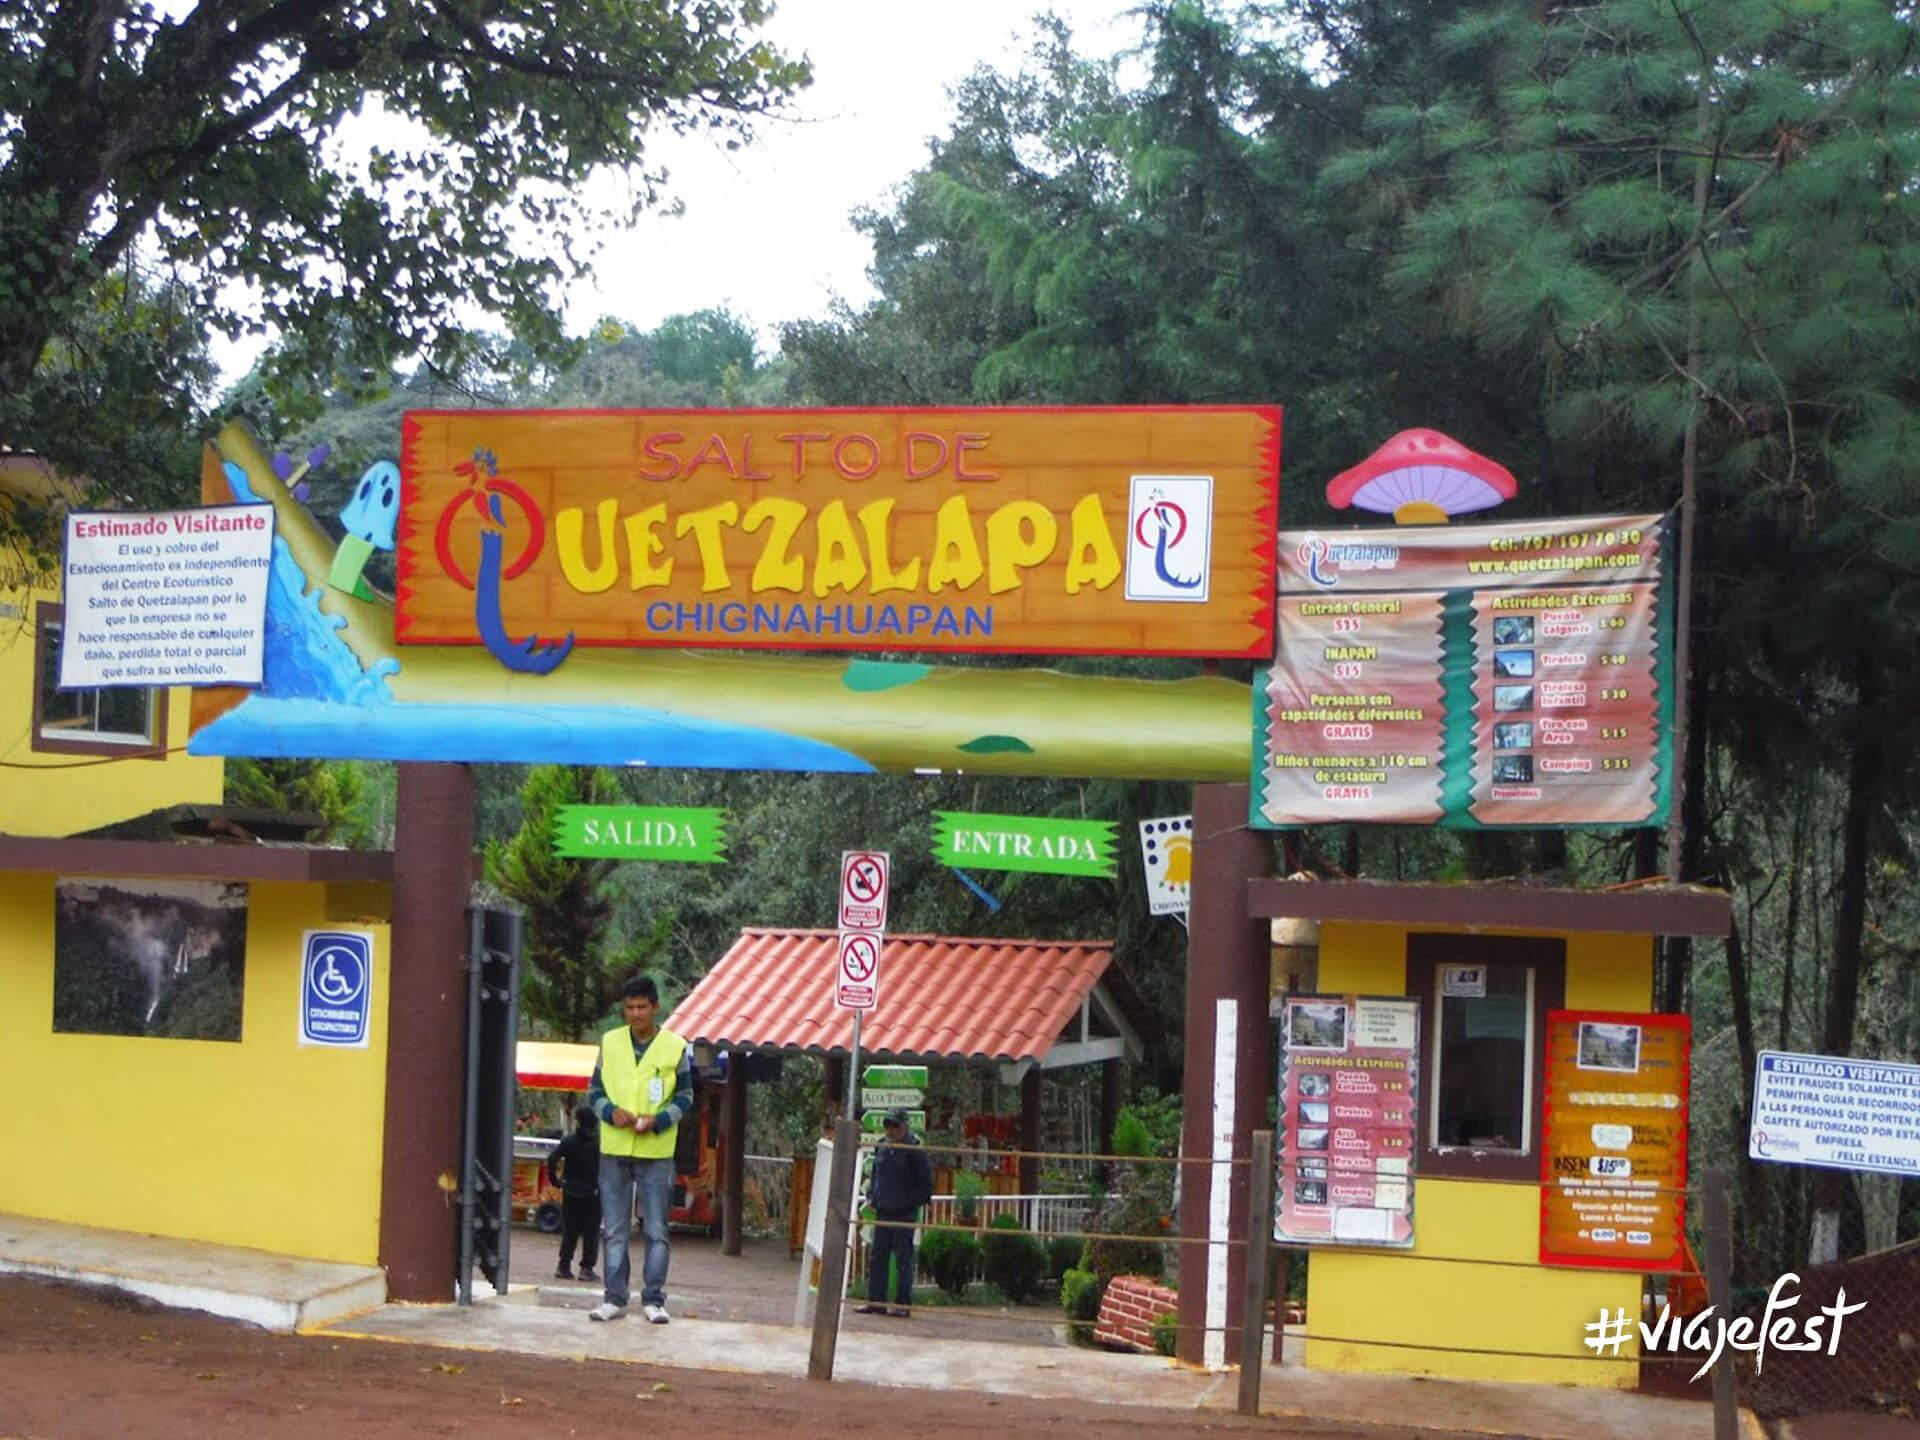 Cascadas Quetzalapan en Chiganhuapan Puebla